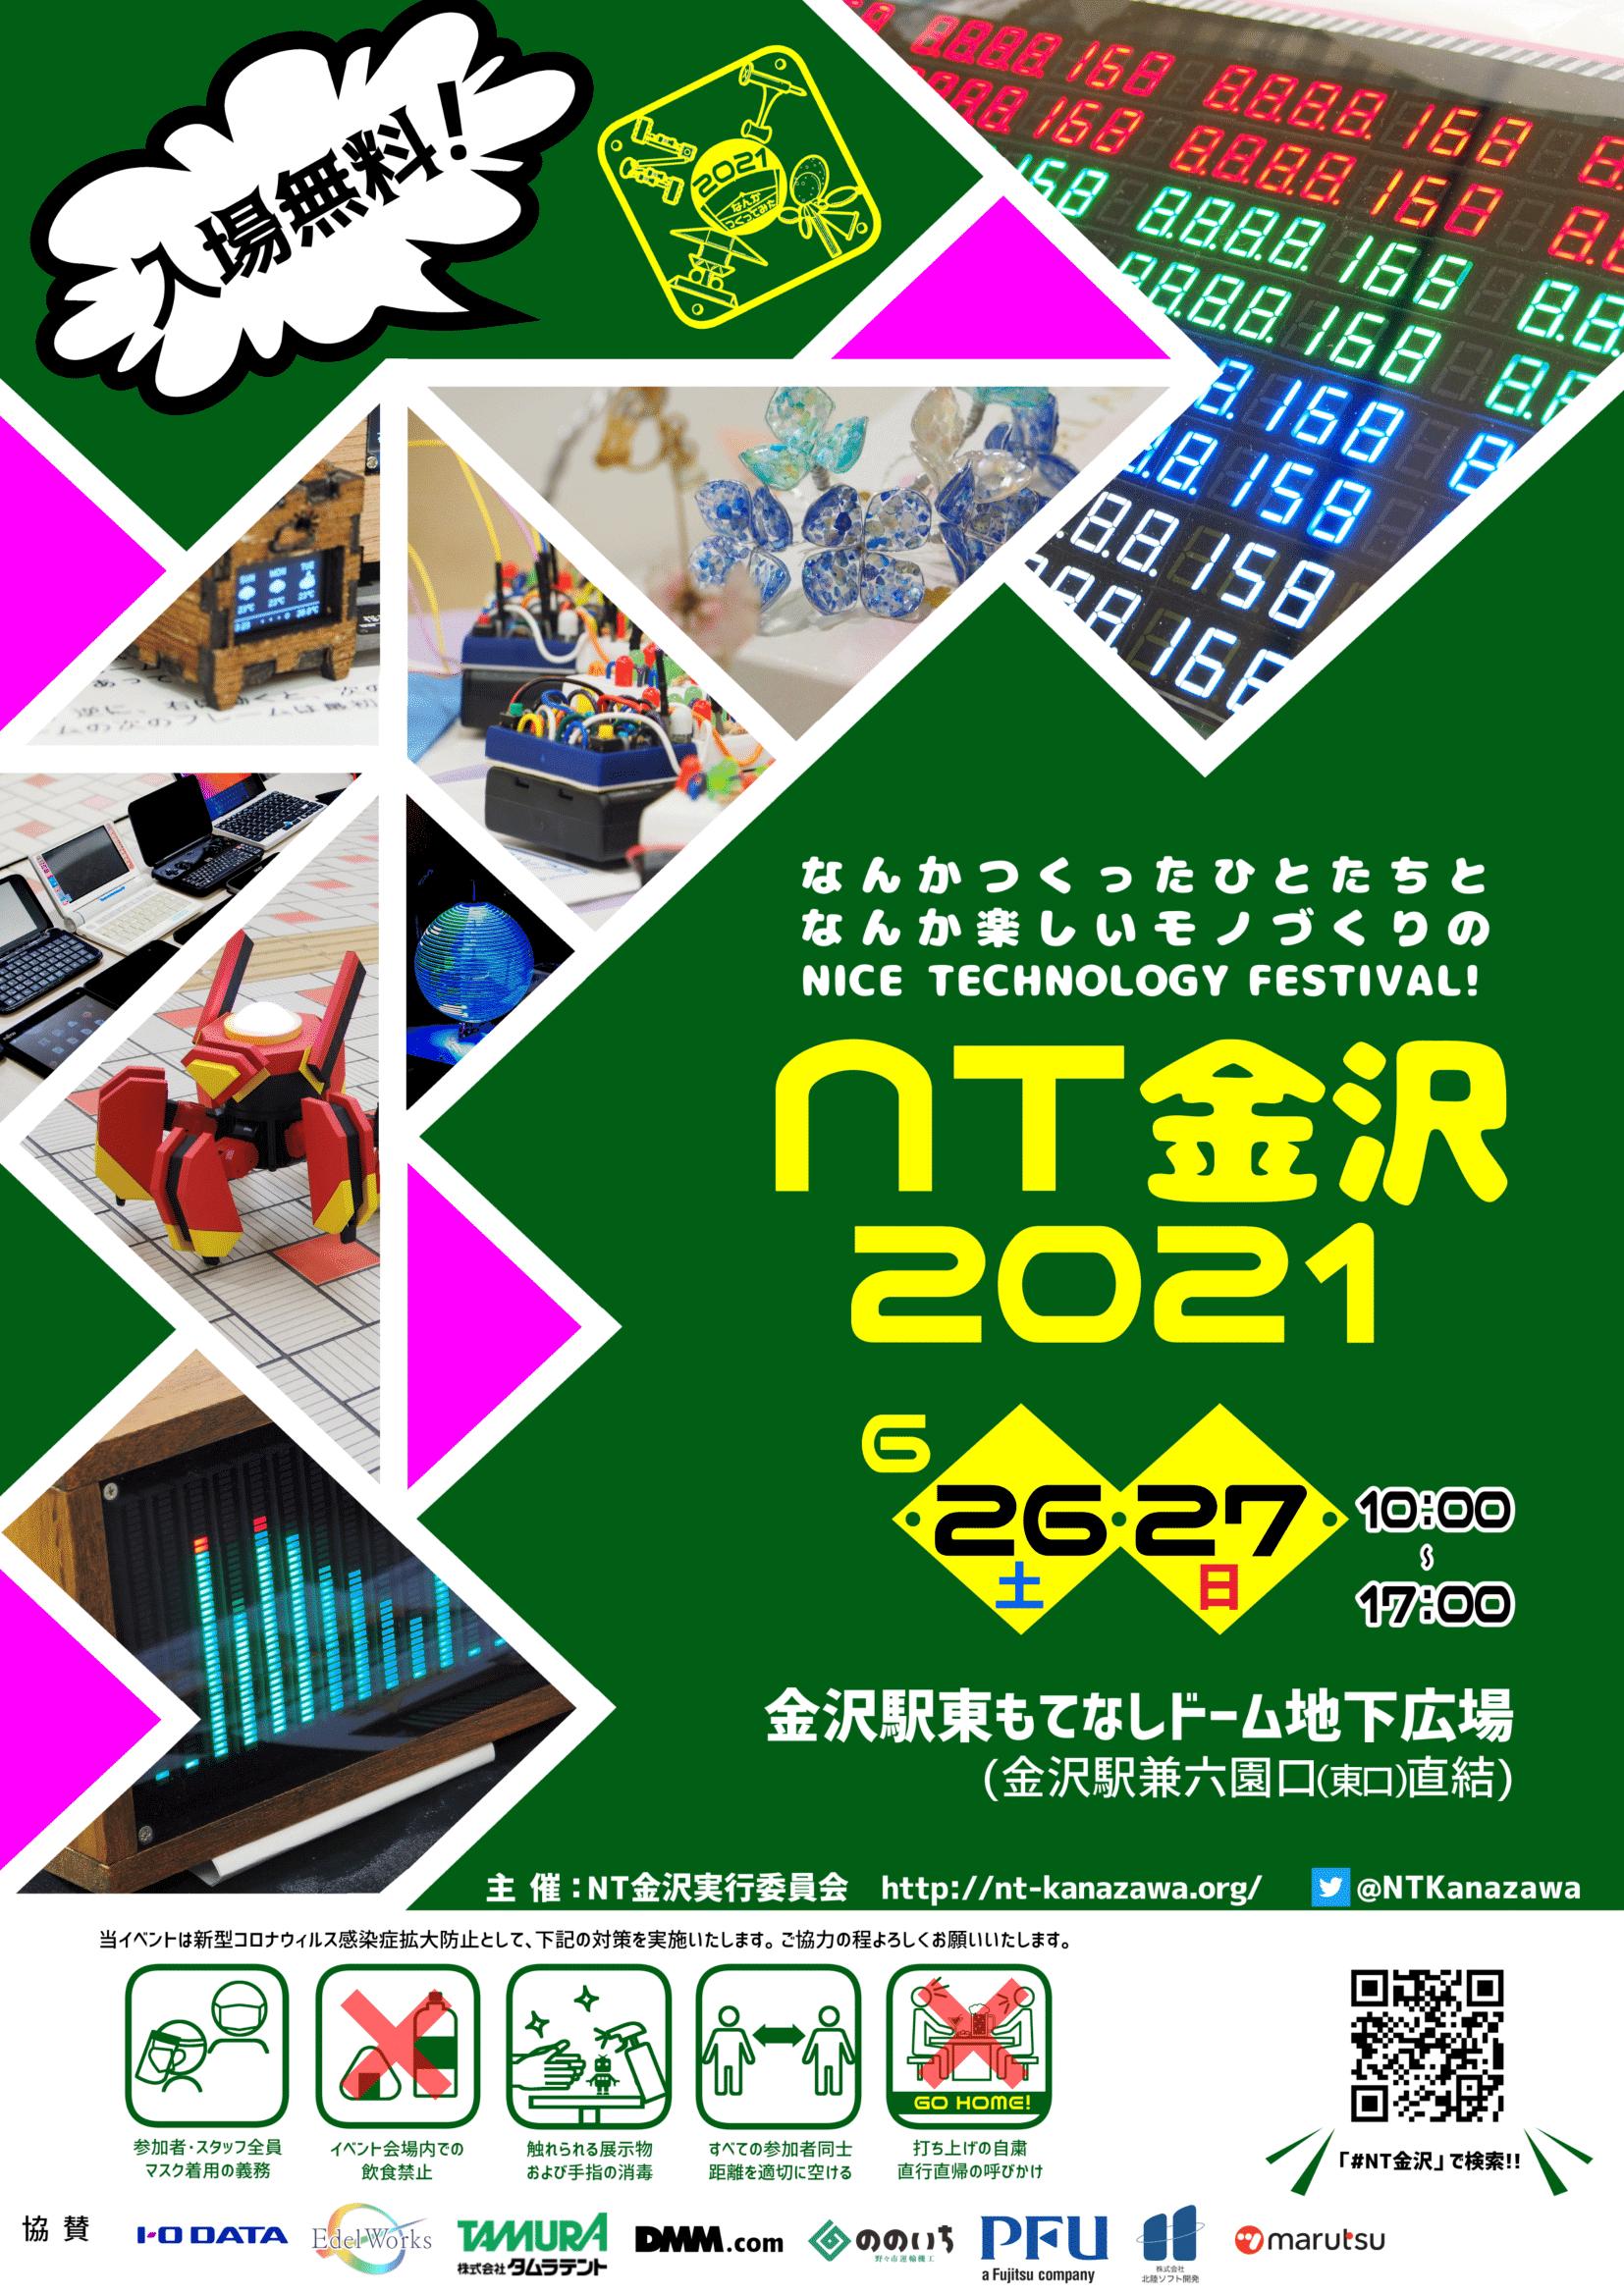 ntkanazawa2021_pos1.png